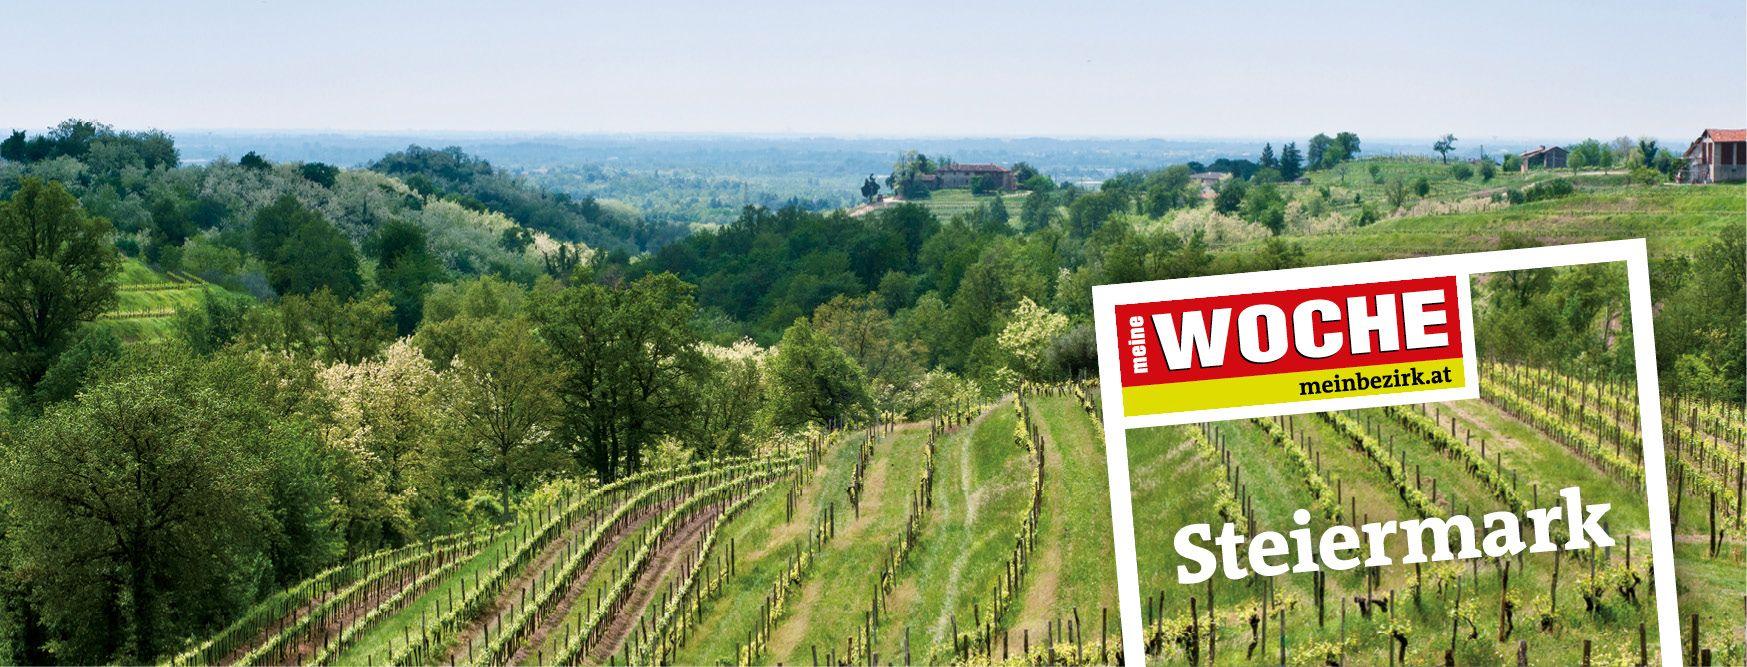 meine WOCHE Steiermark: Tarif, Kontakt, E-Paper, meinbezirk.at, Mediadaten, Streuliste, Beilagen, Technische Daten